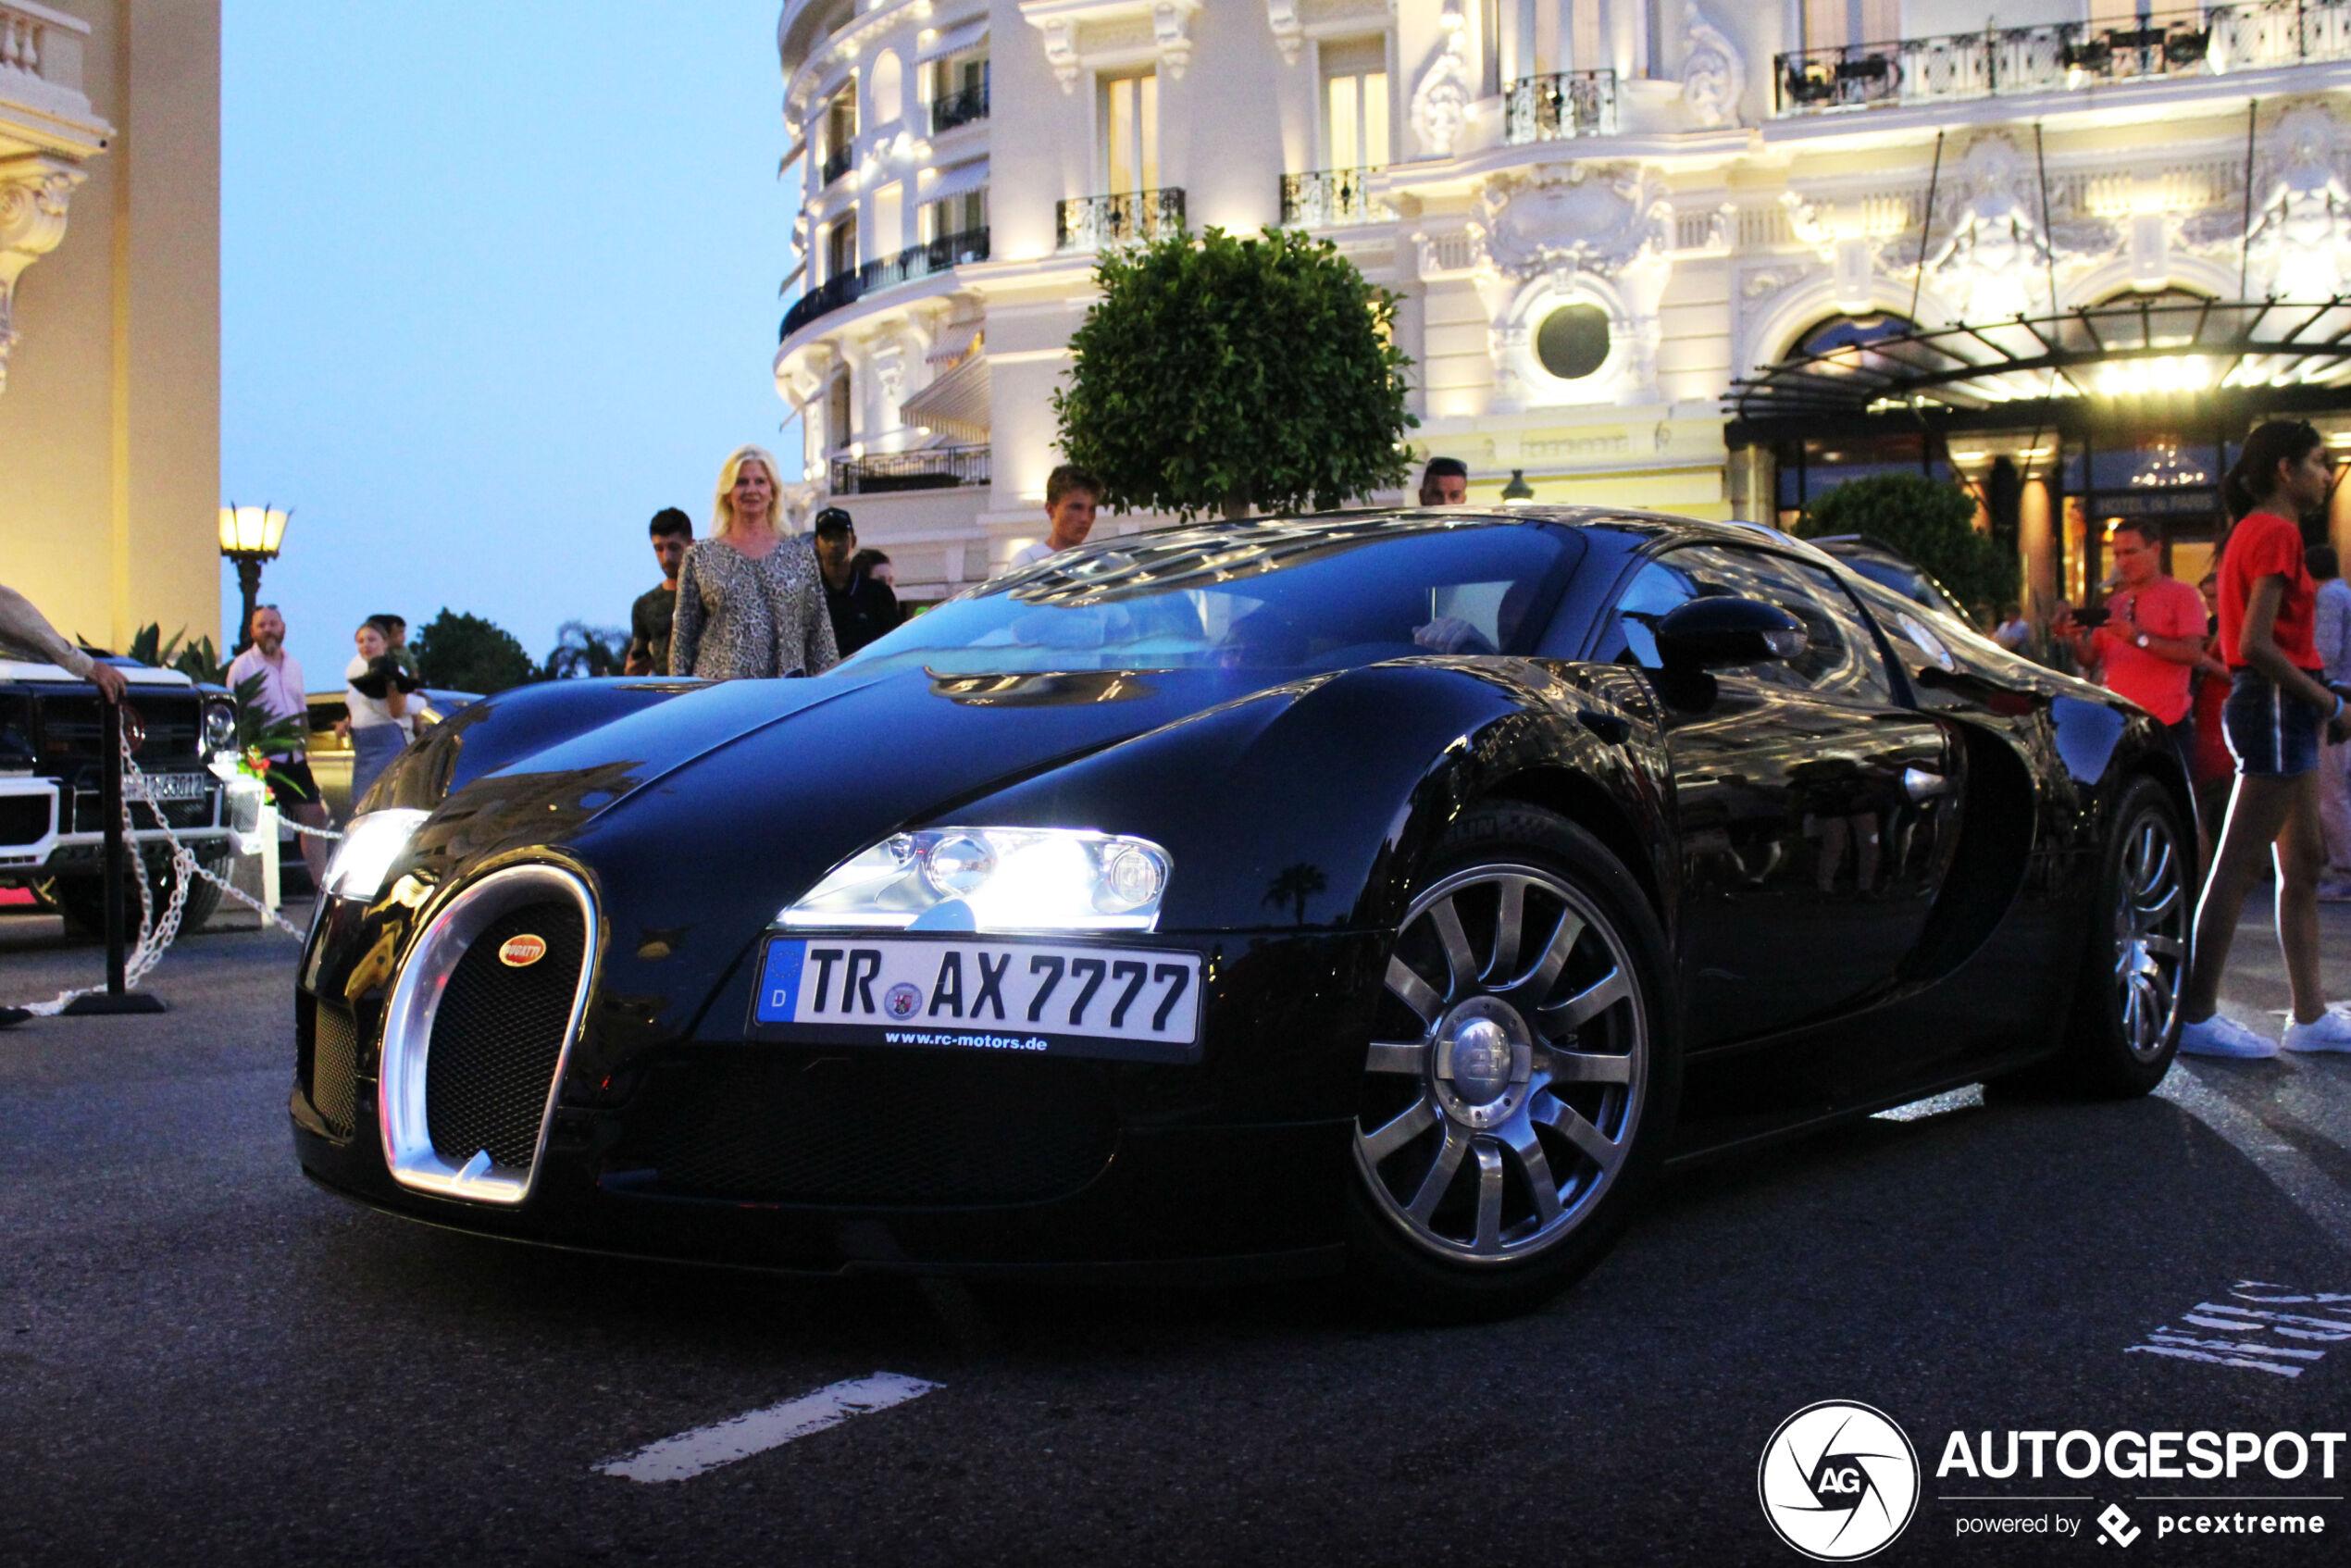 Oldschool Bugatti Veyron 16.4 krijgt de aandacht in Monaco